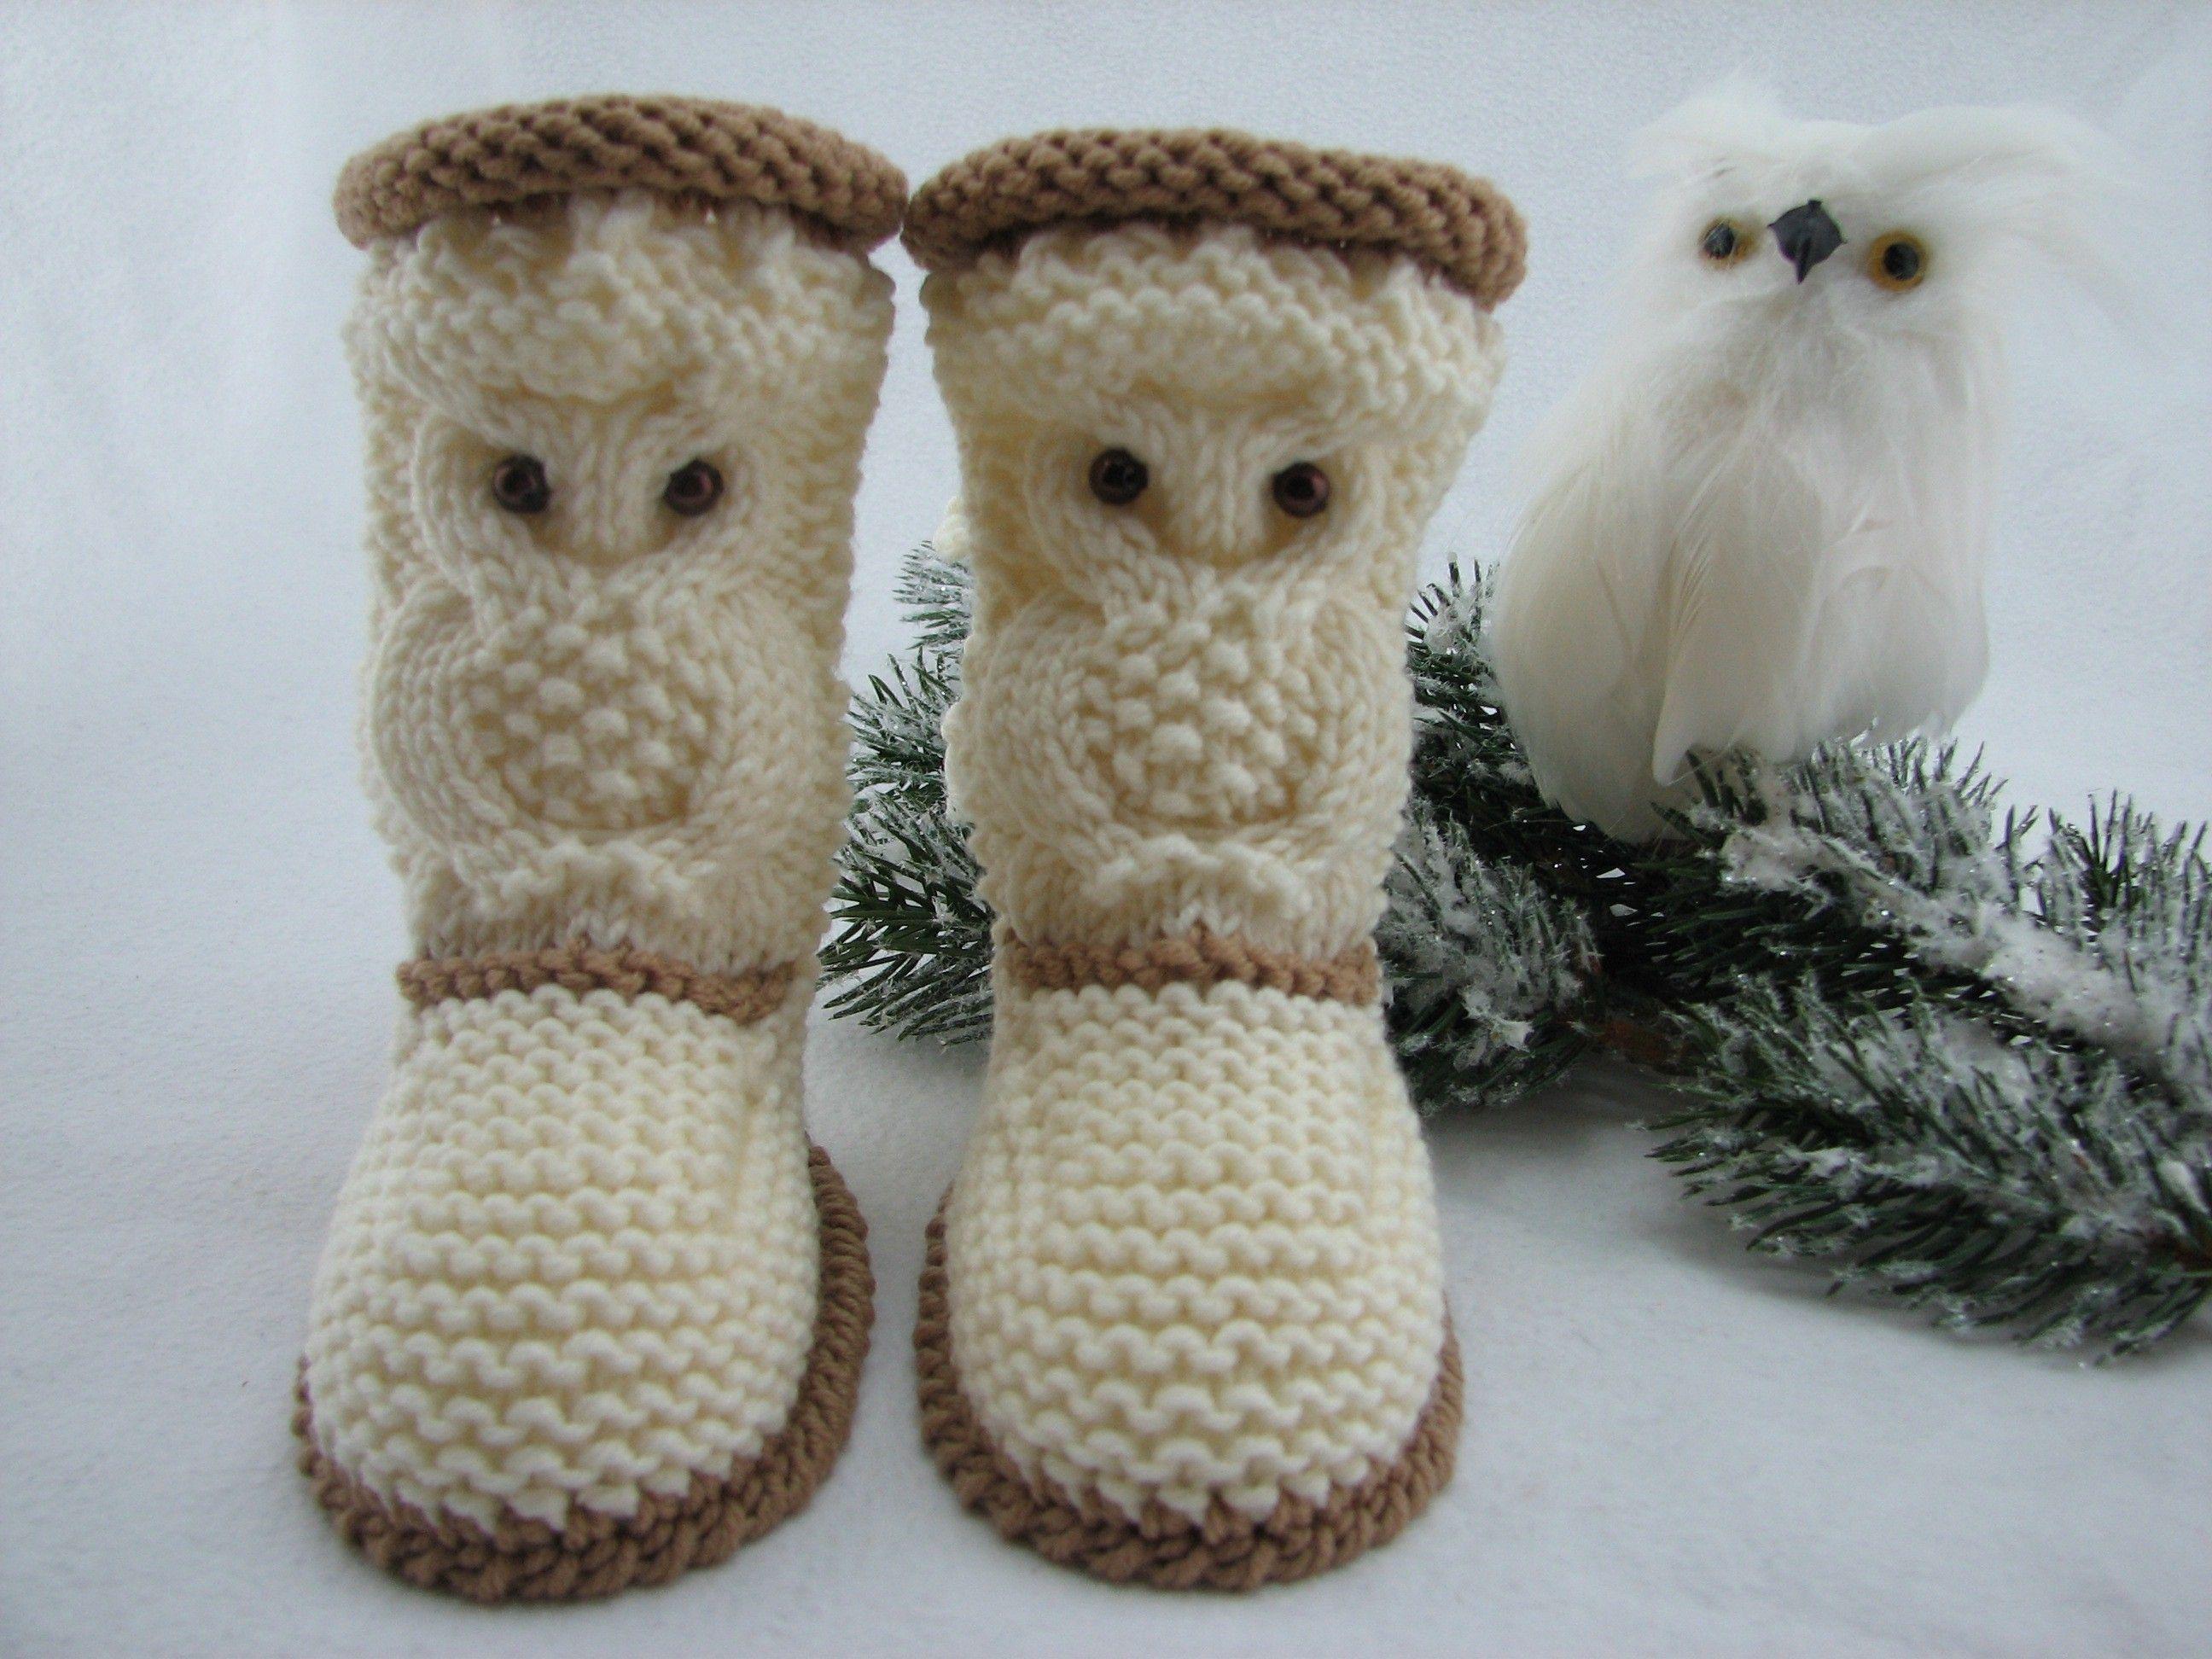 Hast Du die Stiefelchen mit Eulen-Muster bereits gestrickt? Teile ...